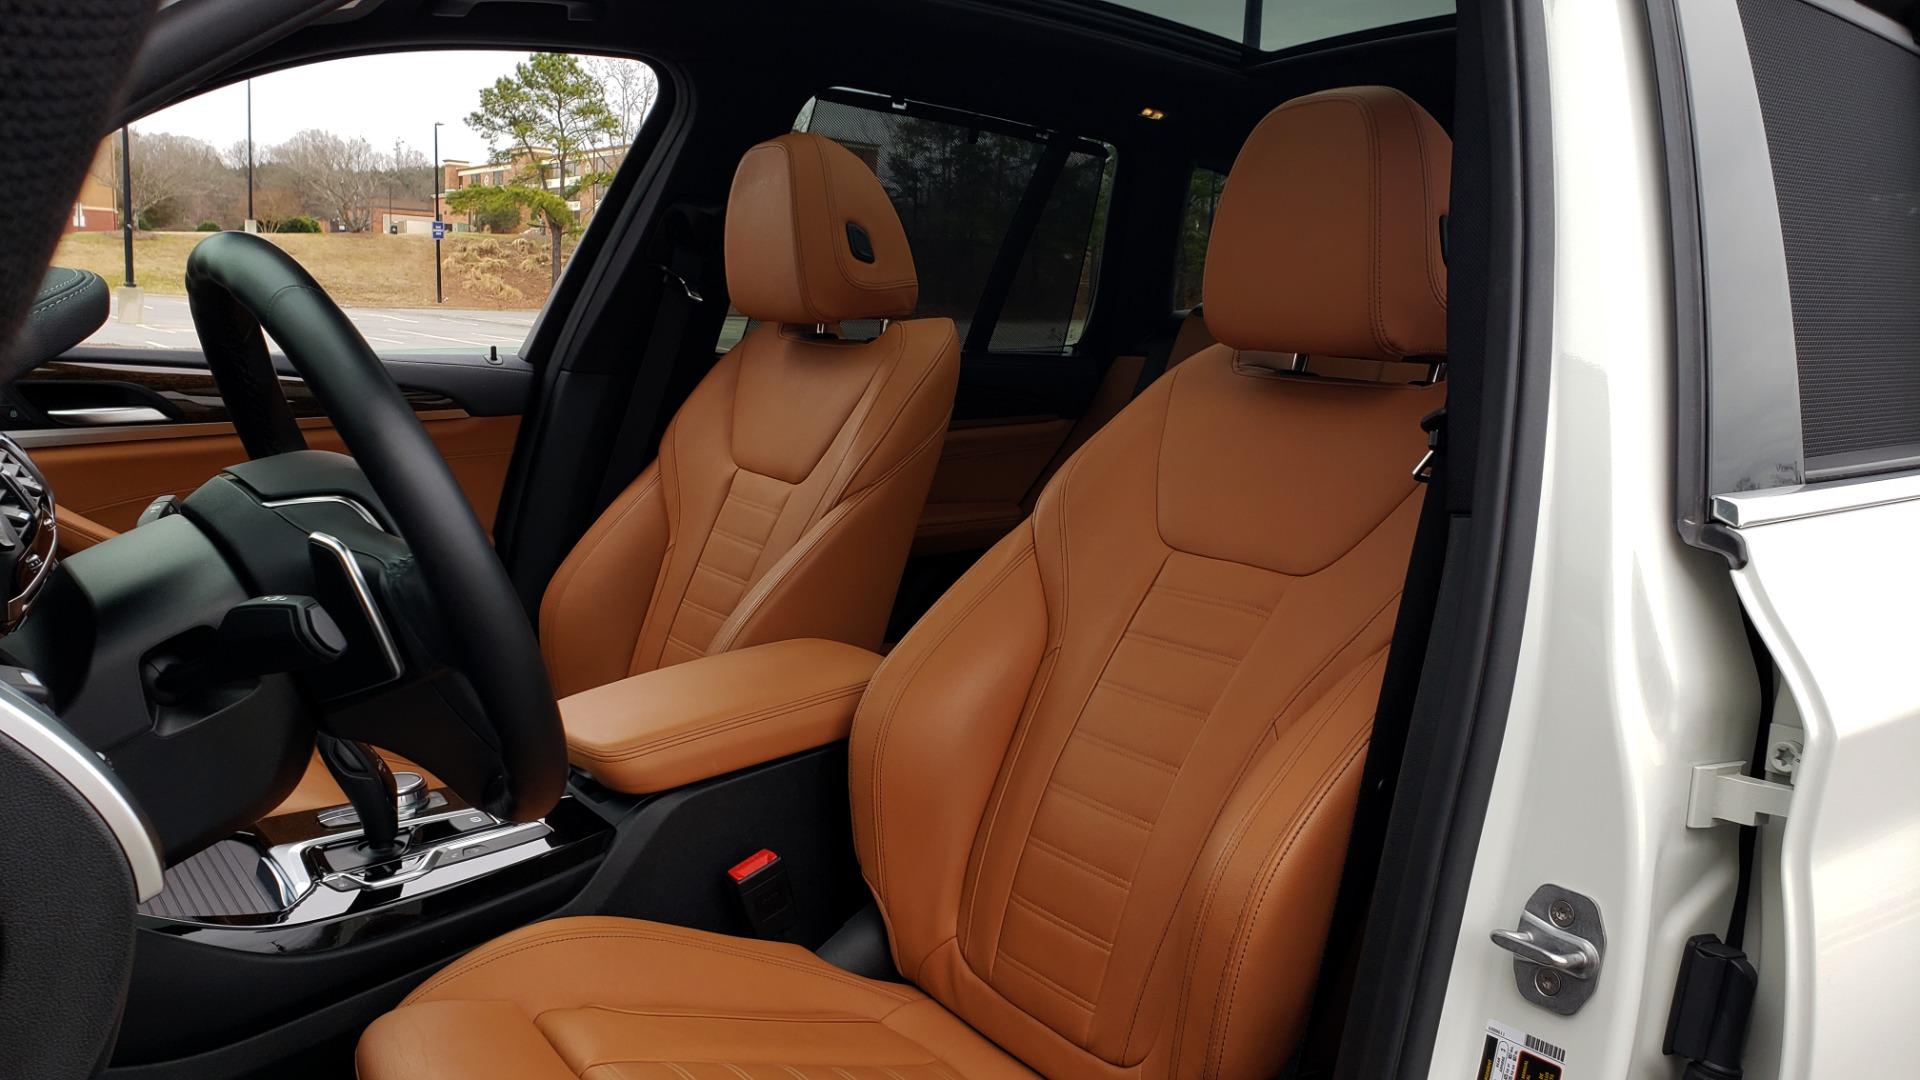 Used 2018 BMW X3 XDRIVE30I / LUX PKG / PREM PKG / CONV PKG / PDC / APPLE CARPLAY for sale Sold at Formula Imports in Charlotte NC 28227 38